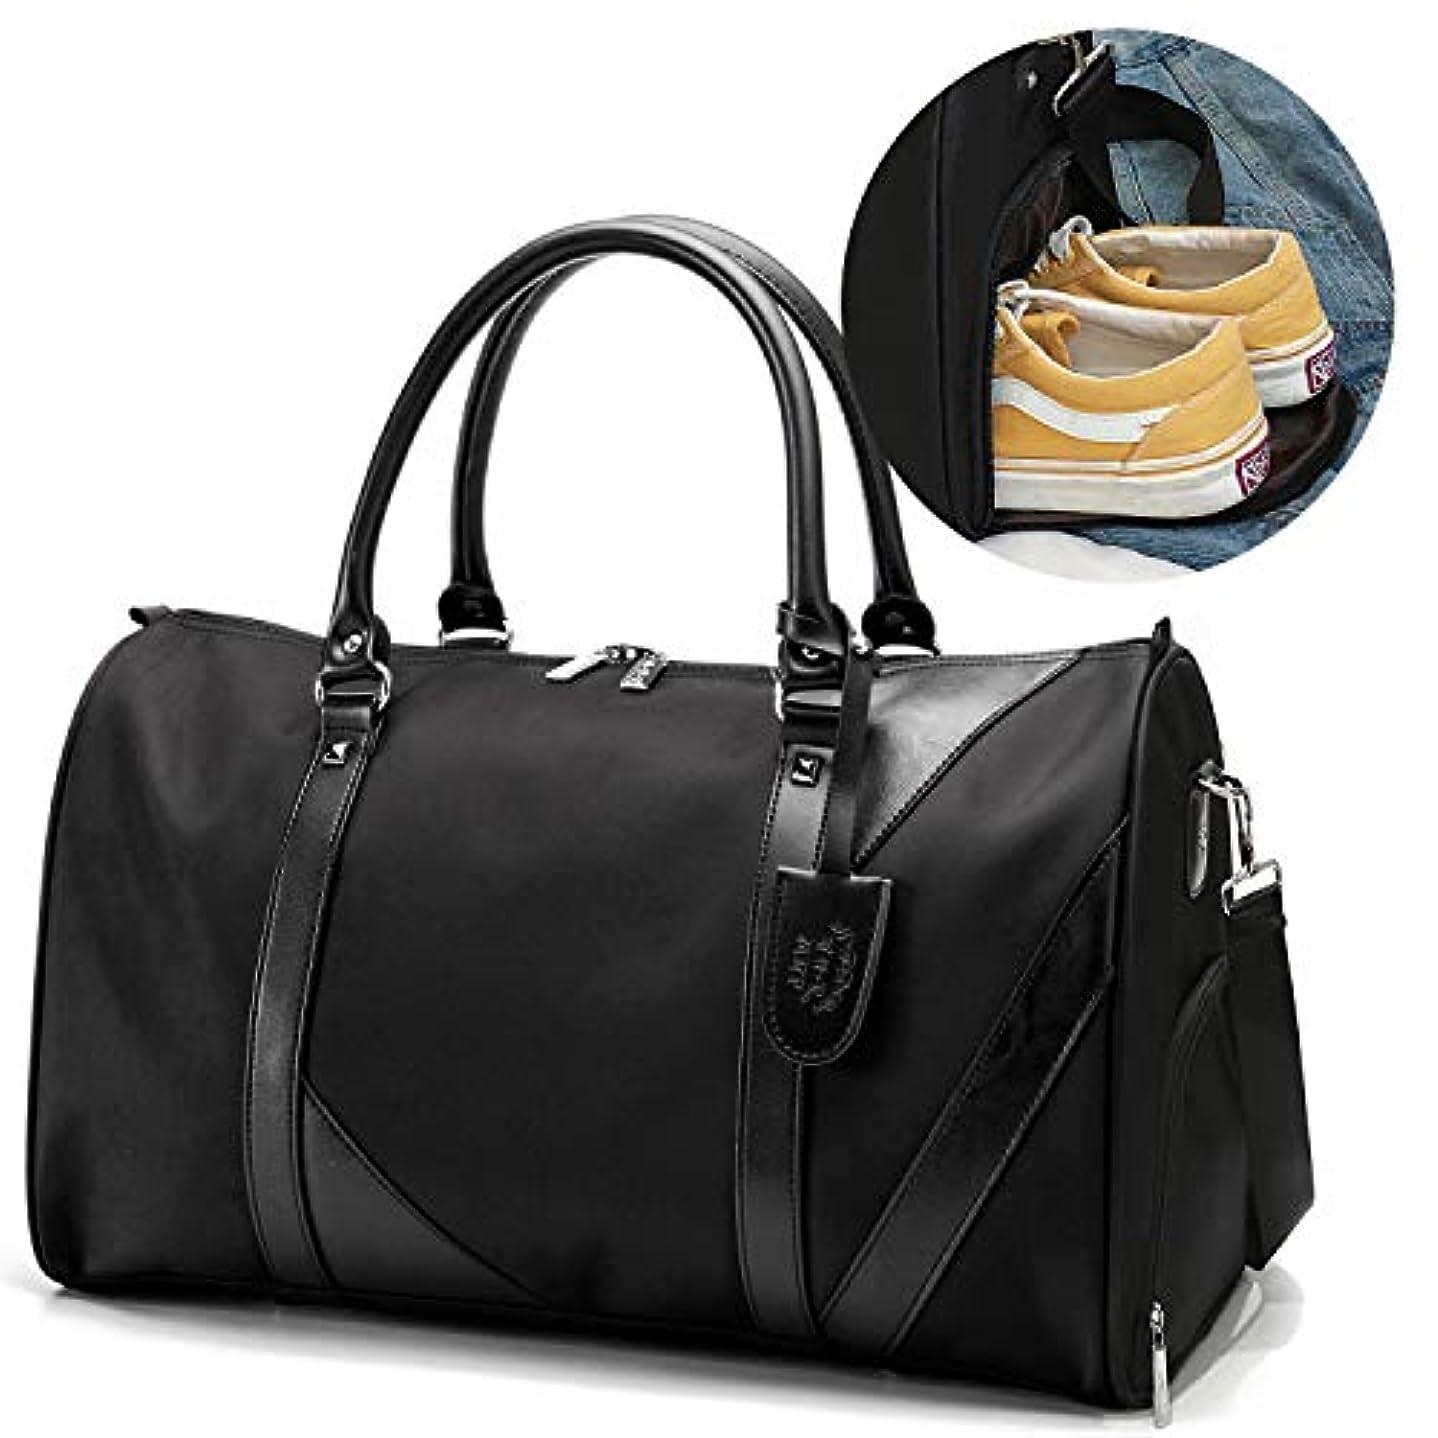 アナロジービュッフェくしゃくしゃ[TcIFE]ボストンバッグ レディース メンズ スポーツダッフルバッグ ガーメントバッグ 大容量 修学 旅行トラベルバッグ シューズ収納バッグ